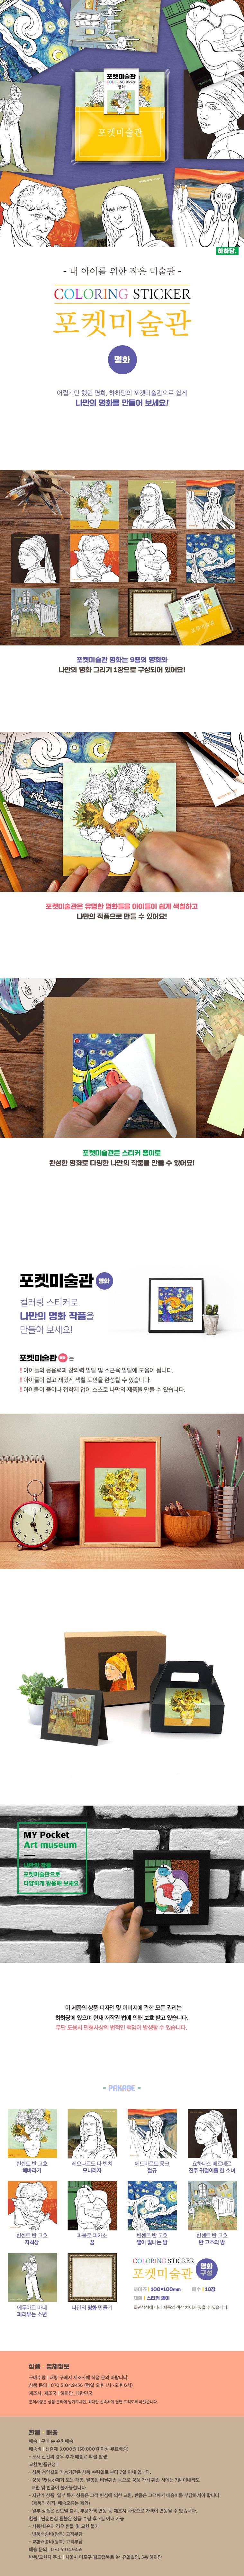 포켓미술관_명화 9종 - 하하당, 3,000원, 스티커, 디자인스티커